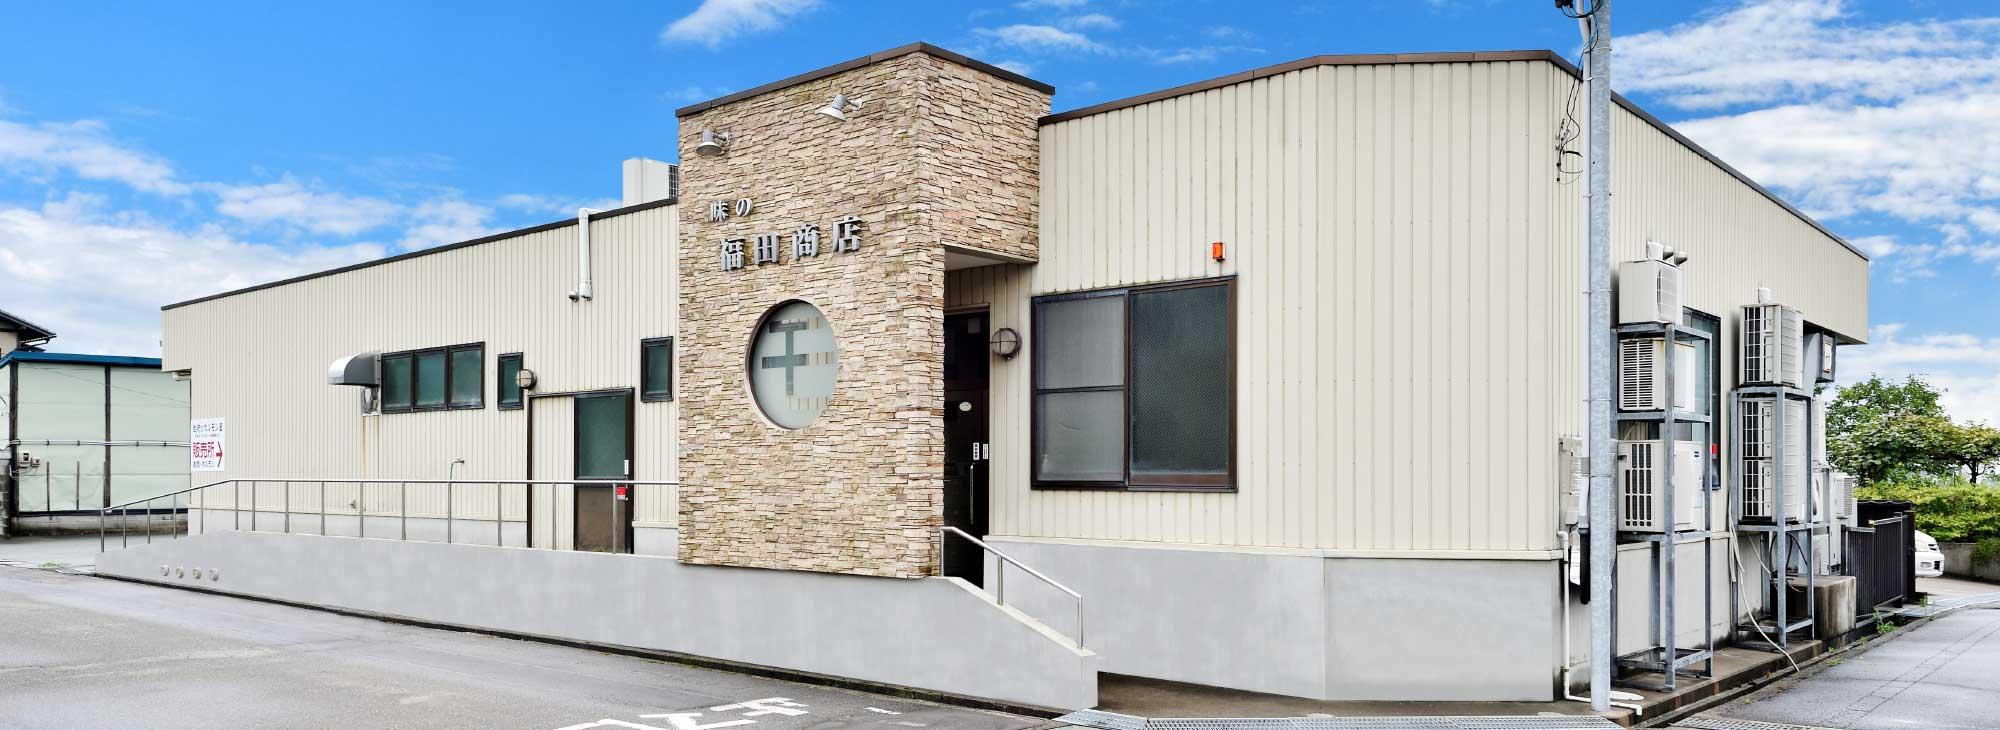 福田商店は福井県あわら市のホルモン焼肉専門店です